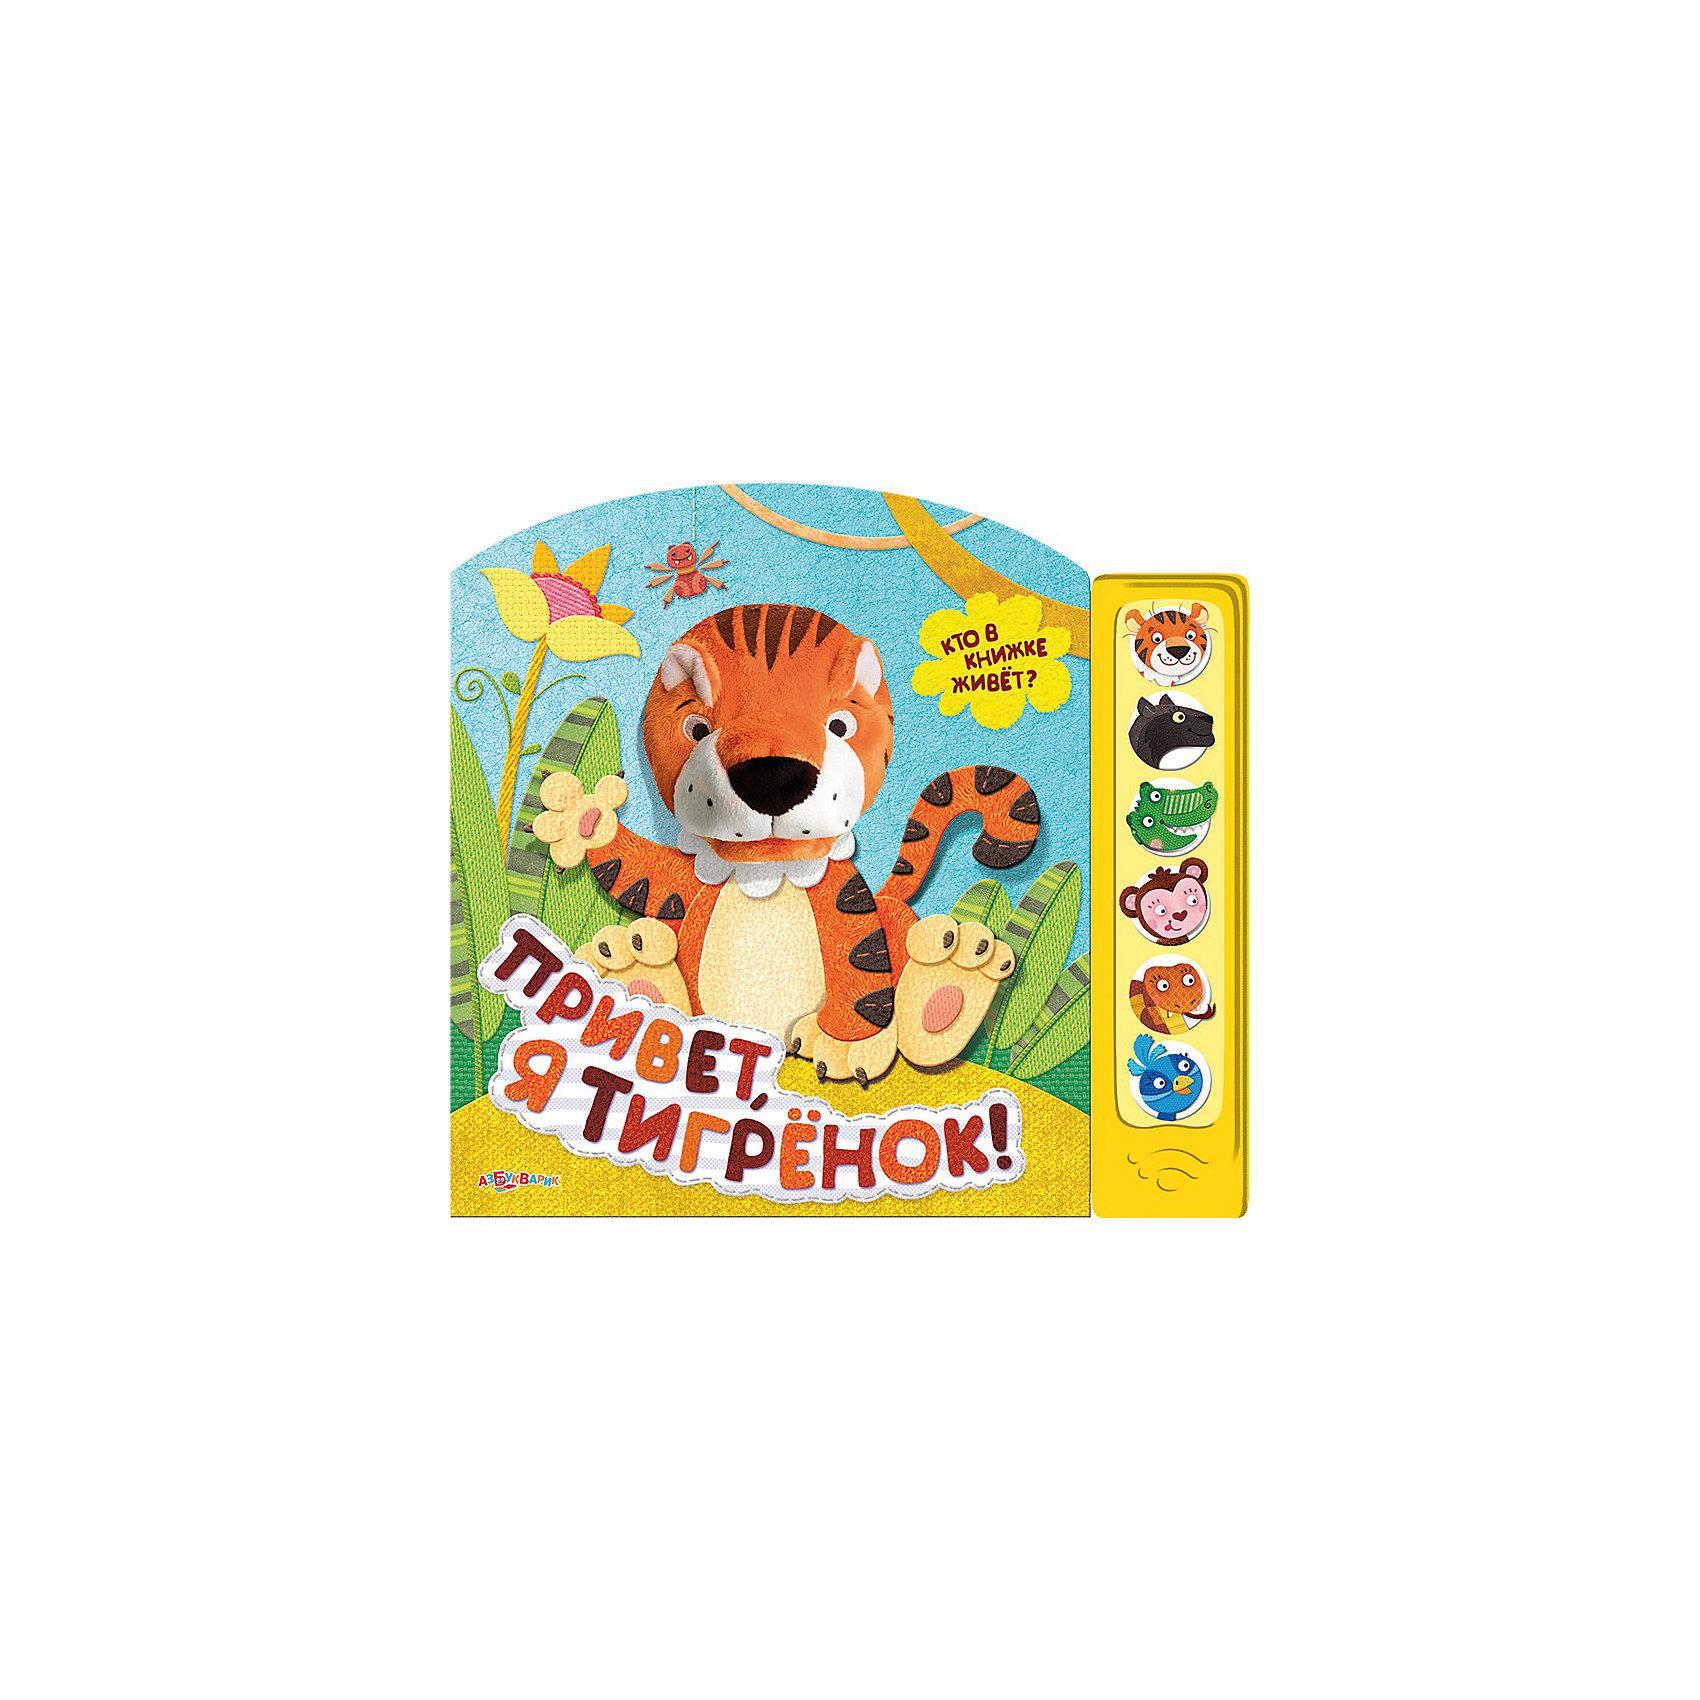 Привет, я тигрёнок!, серия Кто в книжке живет?, АзбукварикКнижка с забавной мягкой игрушкой познакомит малыша с домашними и дикими животными. Стоит только вставить руку - и она оживёт! Ещё ребёнку обязательно понравятся говорящие зверята и необычные картинки-апликации. <br><br>Картонная книга со звуковым модулем и плюшевой головой.<br><br>Ширина мм: 260<br>Глубина мм: 20<br>Высота мм: 240<br>Вес г: 450<br>Возраст от месяцев: 24<br>Возраст до месяцев: 48<br>Пол: Унисекс<br>Возраст: Детский<br>SKU: 2564088